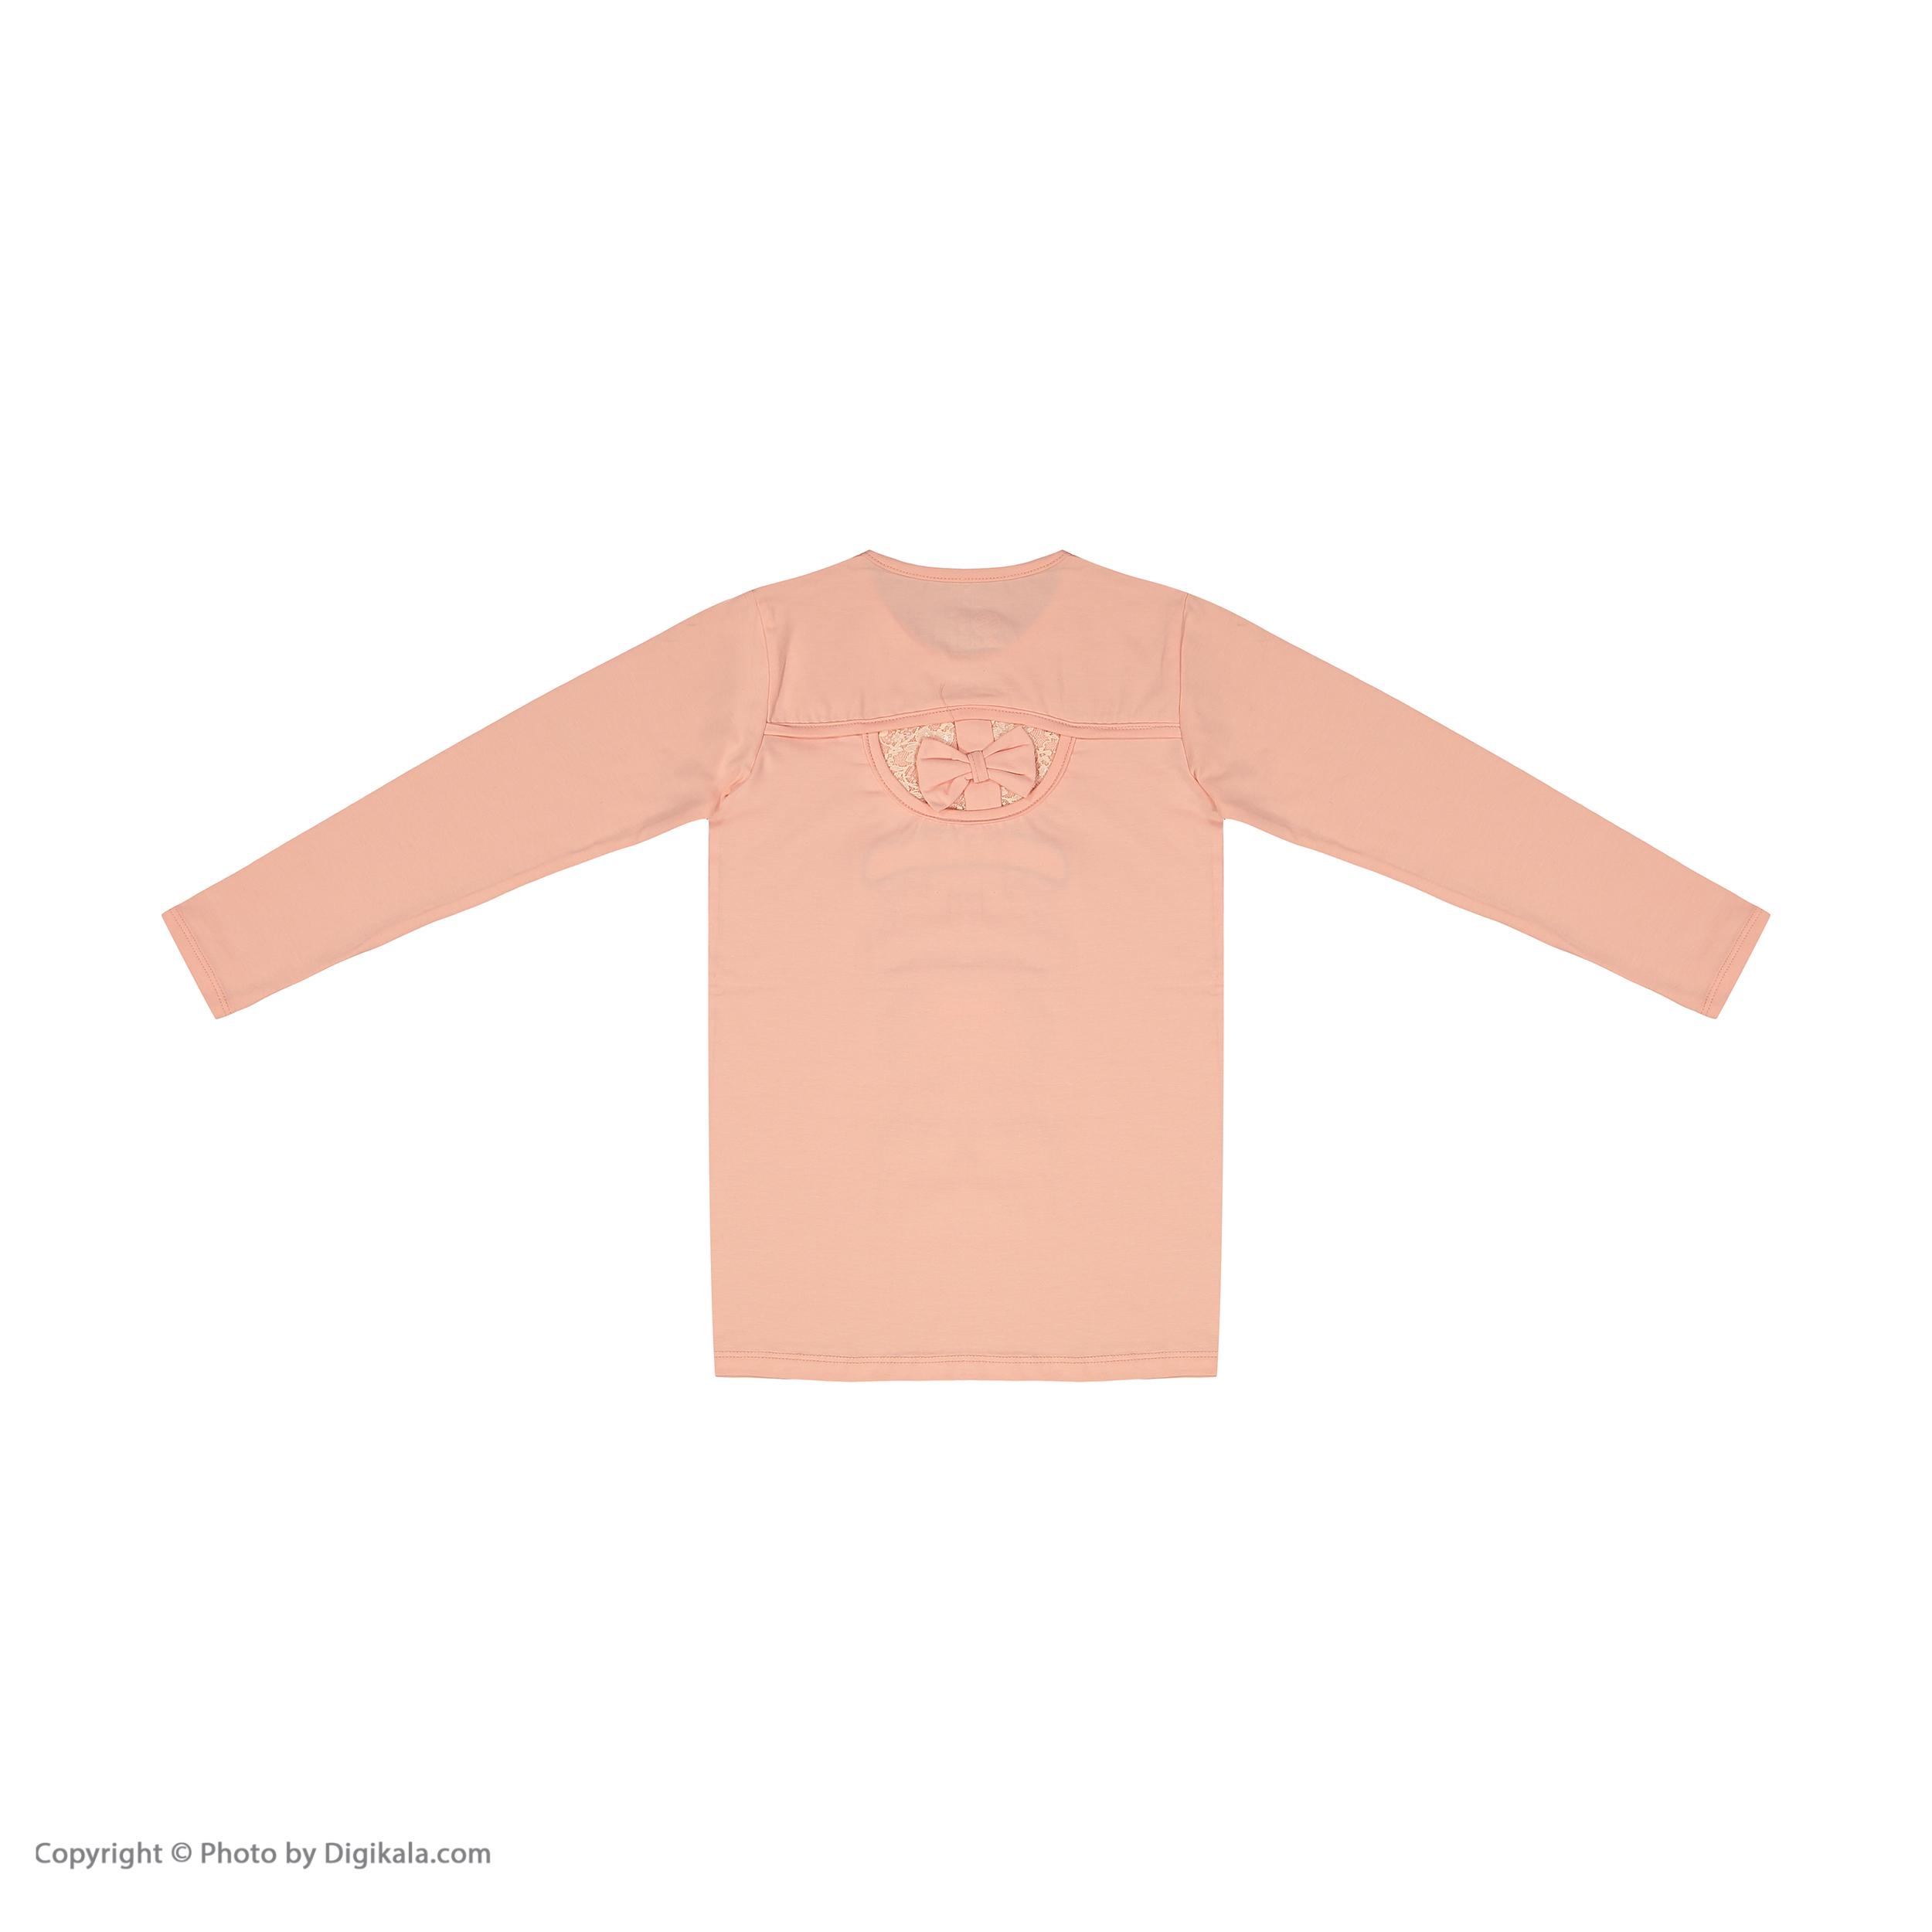 تی شرت دخترانه سون پون مدل 1391355-84 -  - 4